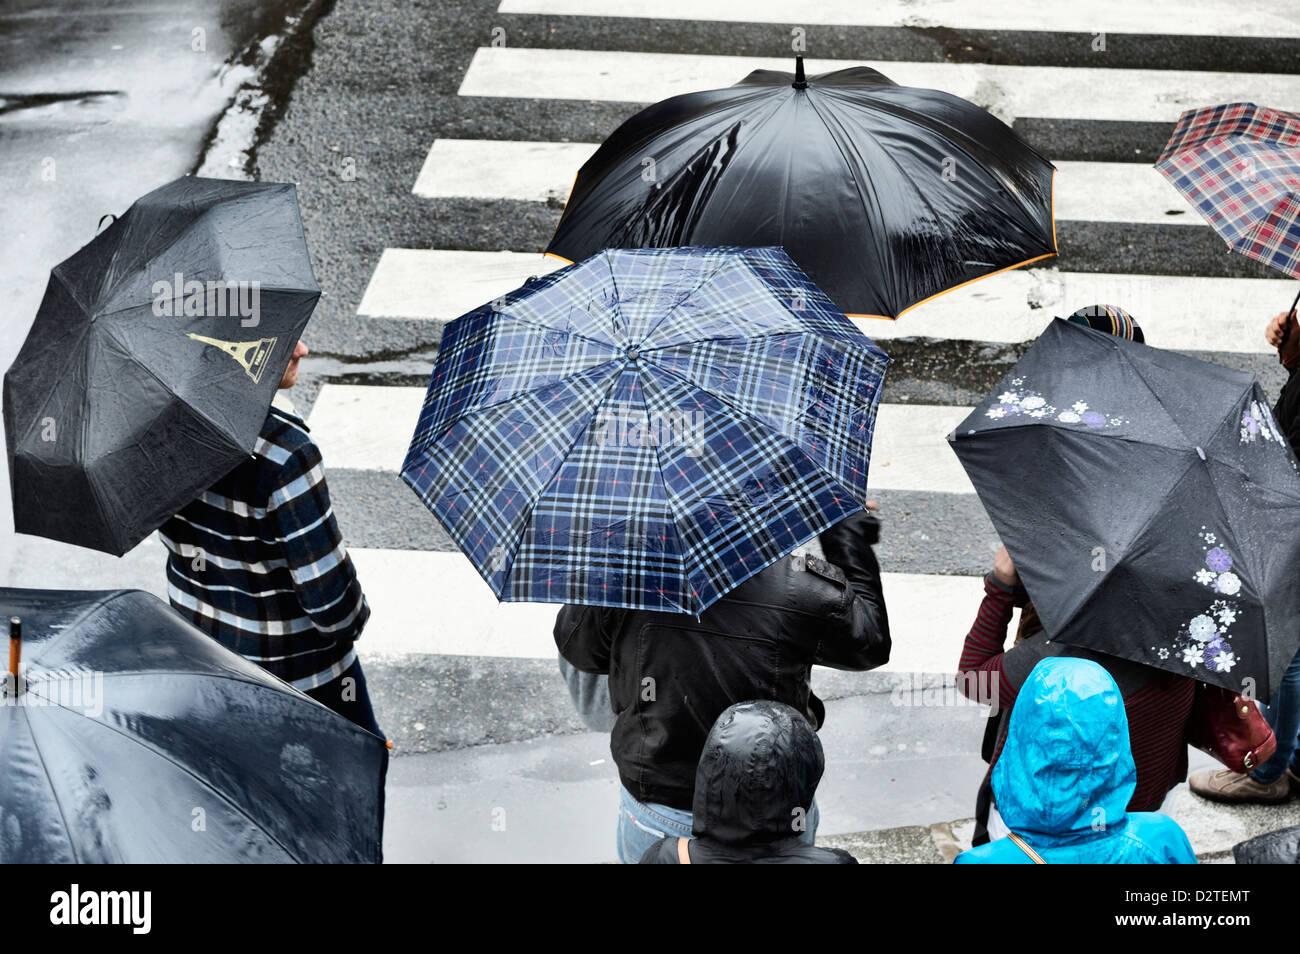 Fußgänger mit Schirmen durch eine Überfahrt auf einer Stadtstraße im Regen Stockbild